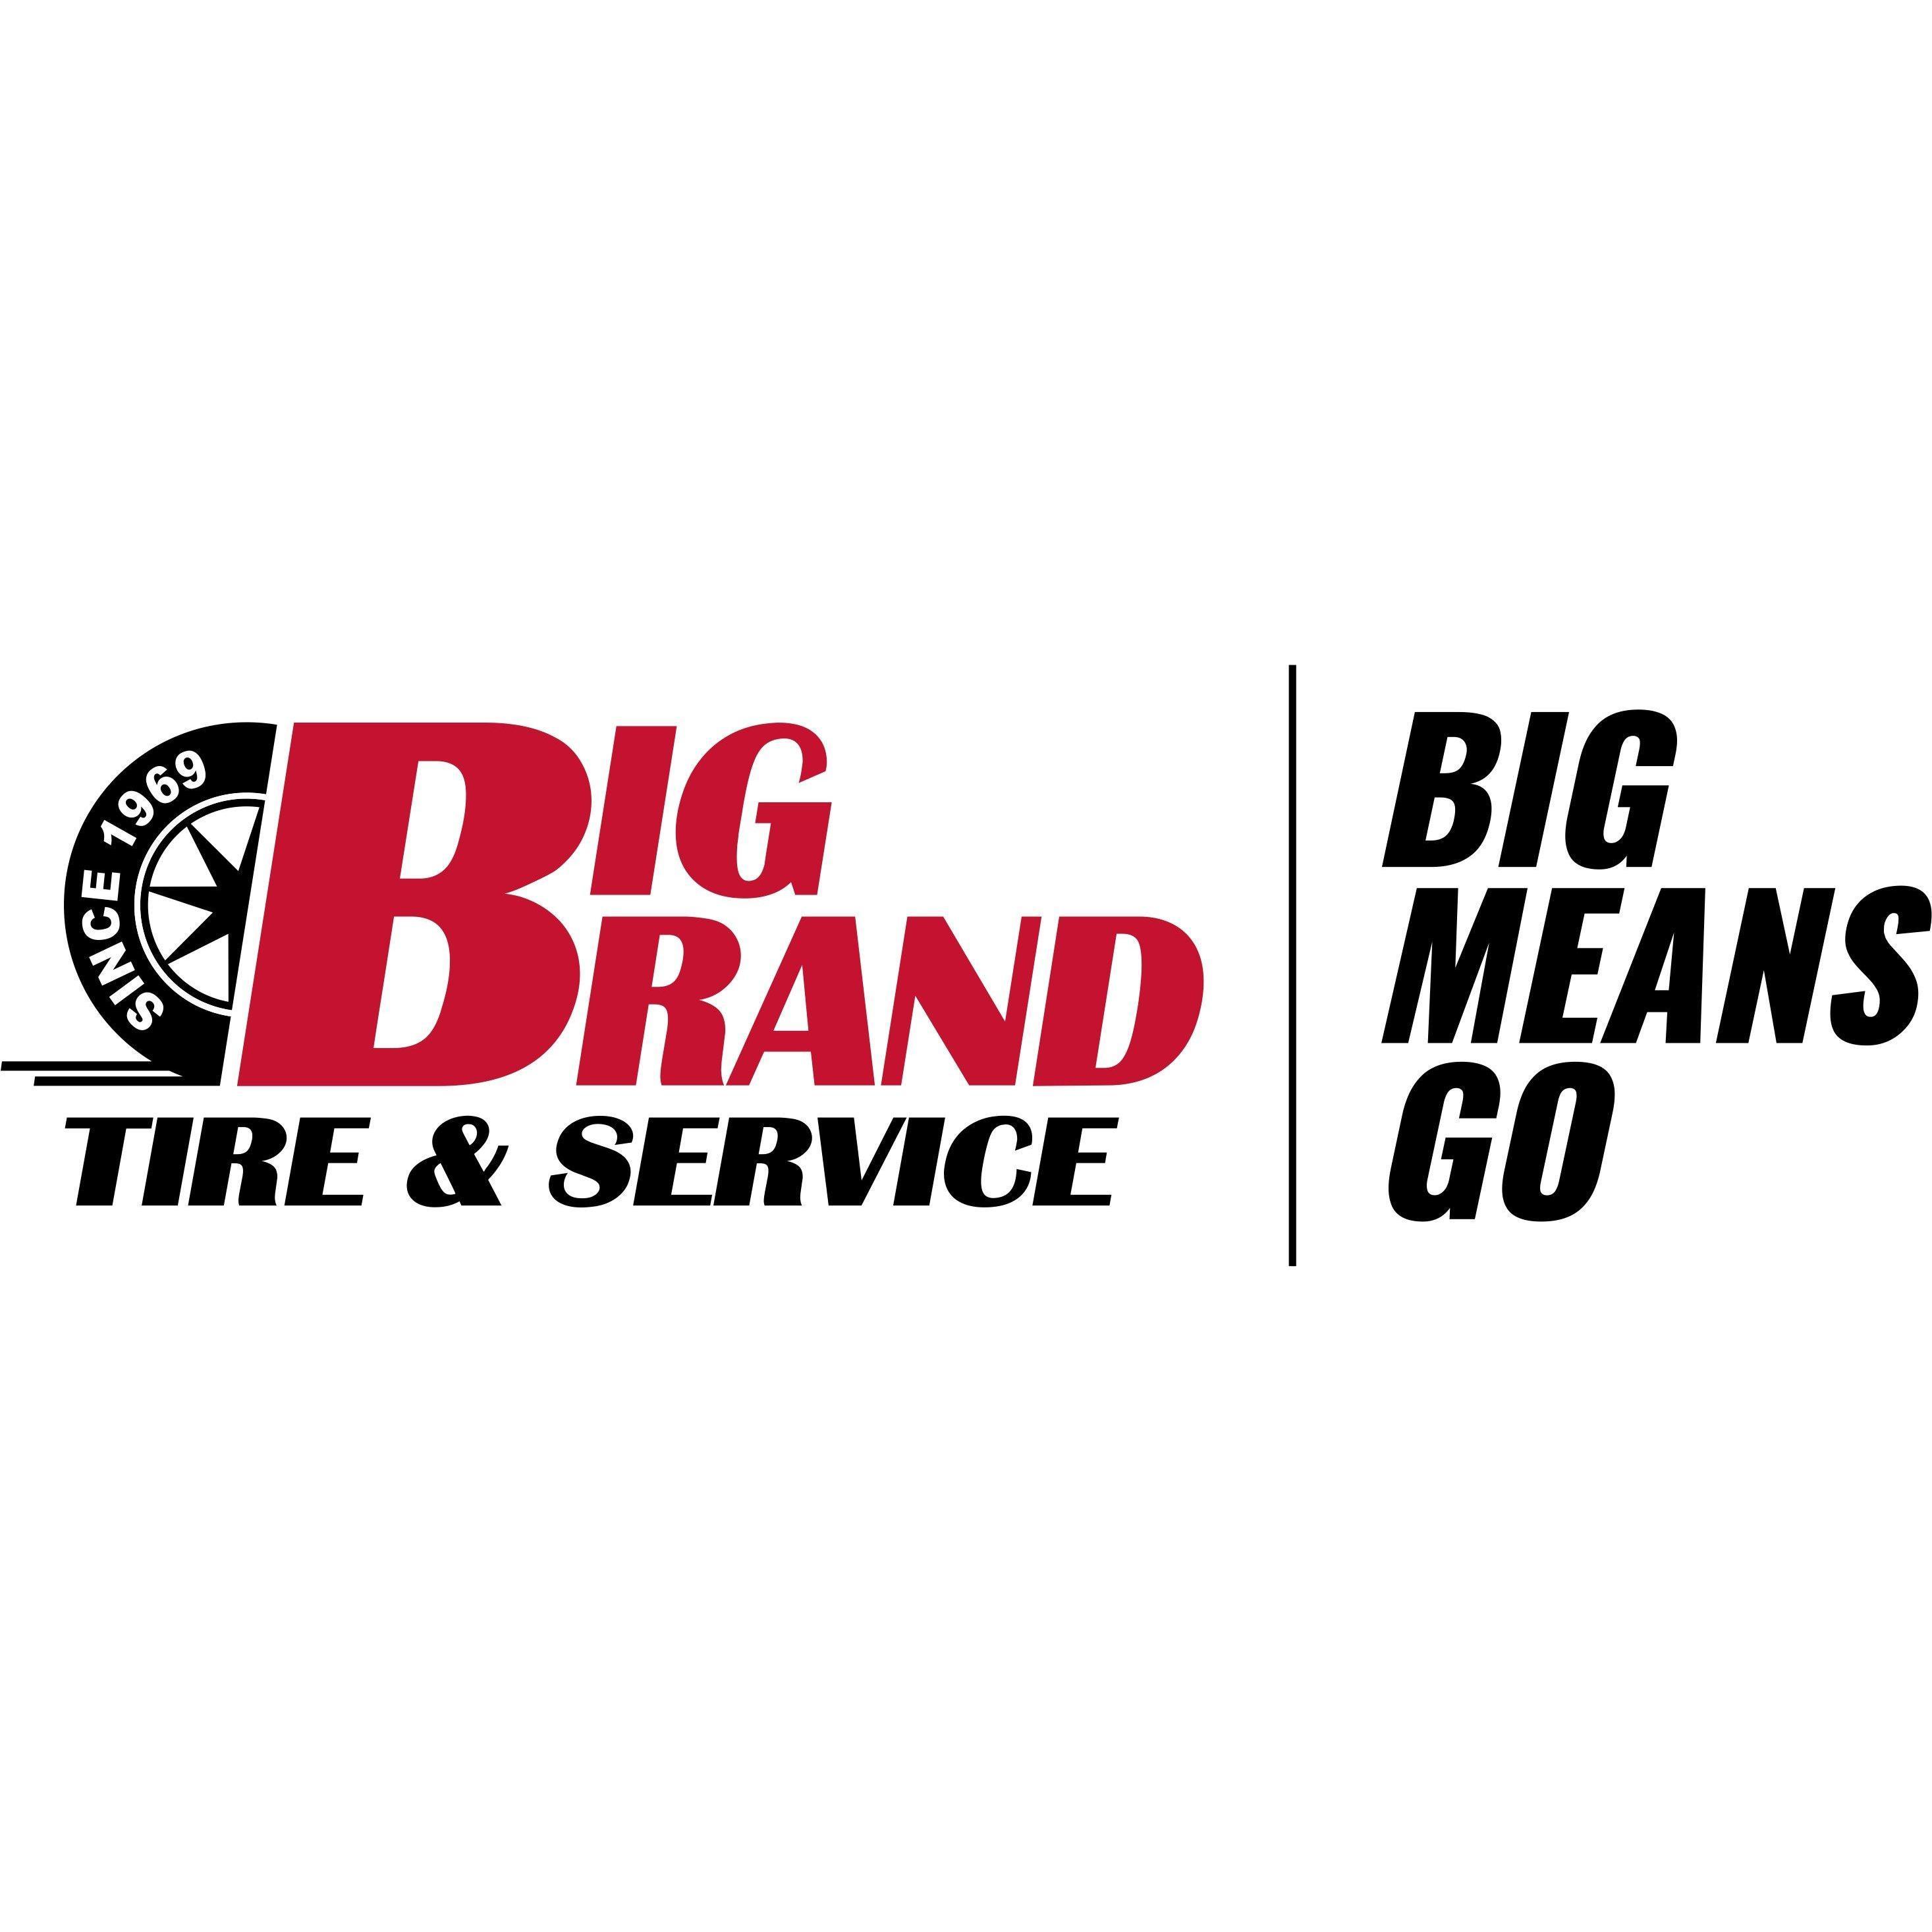 Big Brand Tire & Service - Camarillo, CA - Tires & Wheel Alignment